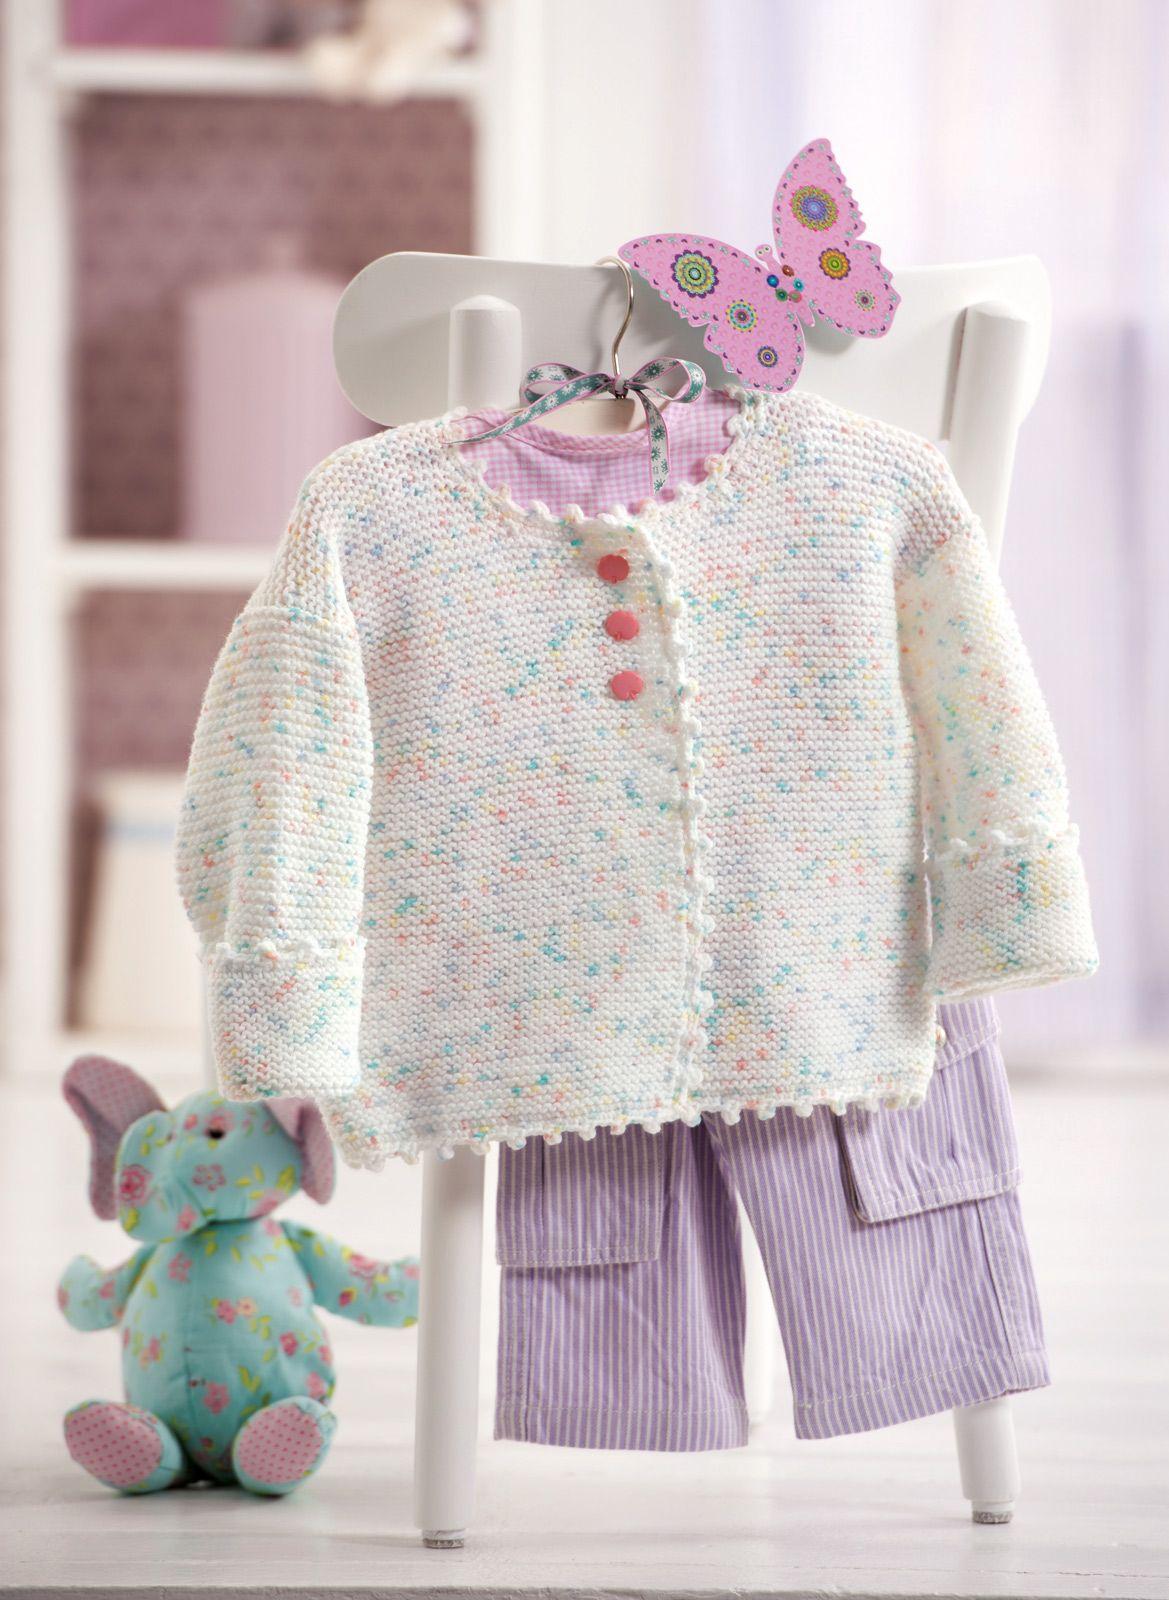 Baby-Jacke in zarten Bonbon-Farben | Baby jacke, Stricken häkeln und ...